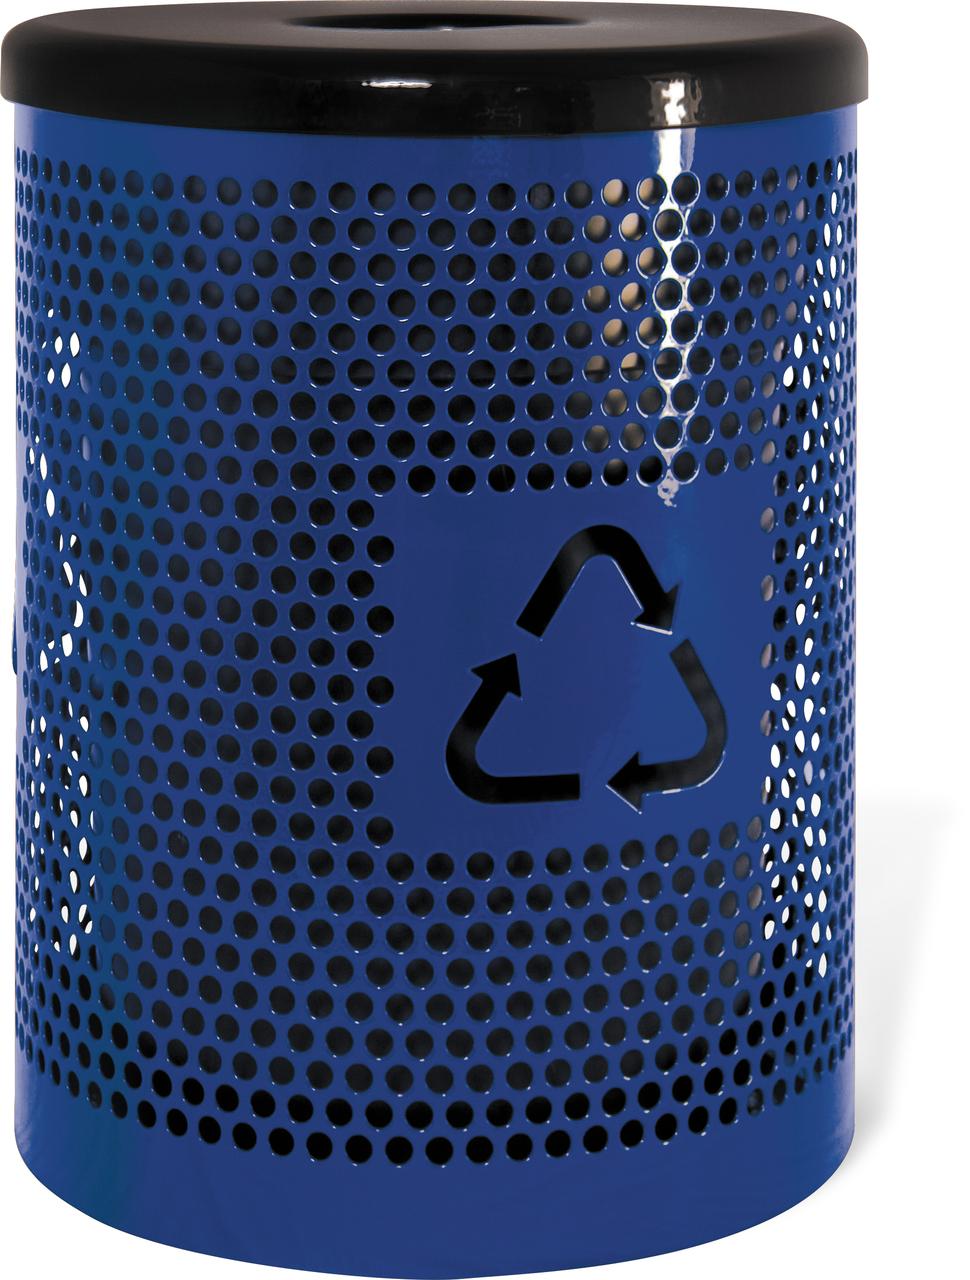 pr-32re-recyclelogoreceptacle-us27-104-52478.1426092371.1280.1280.jpg